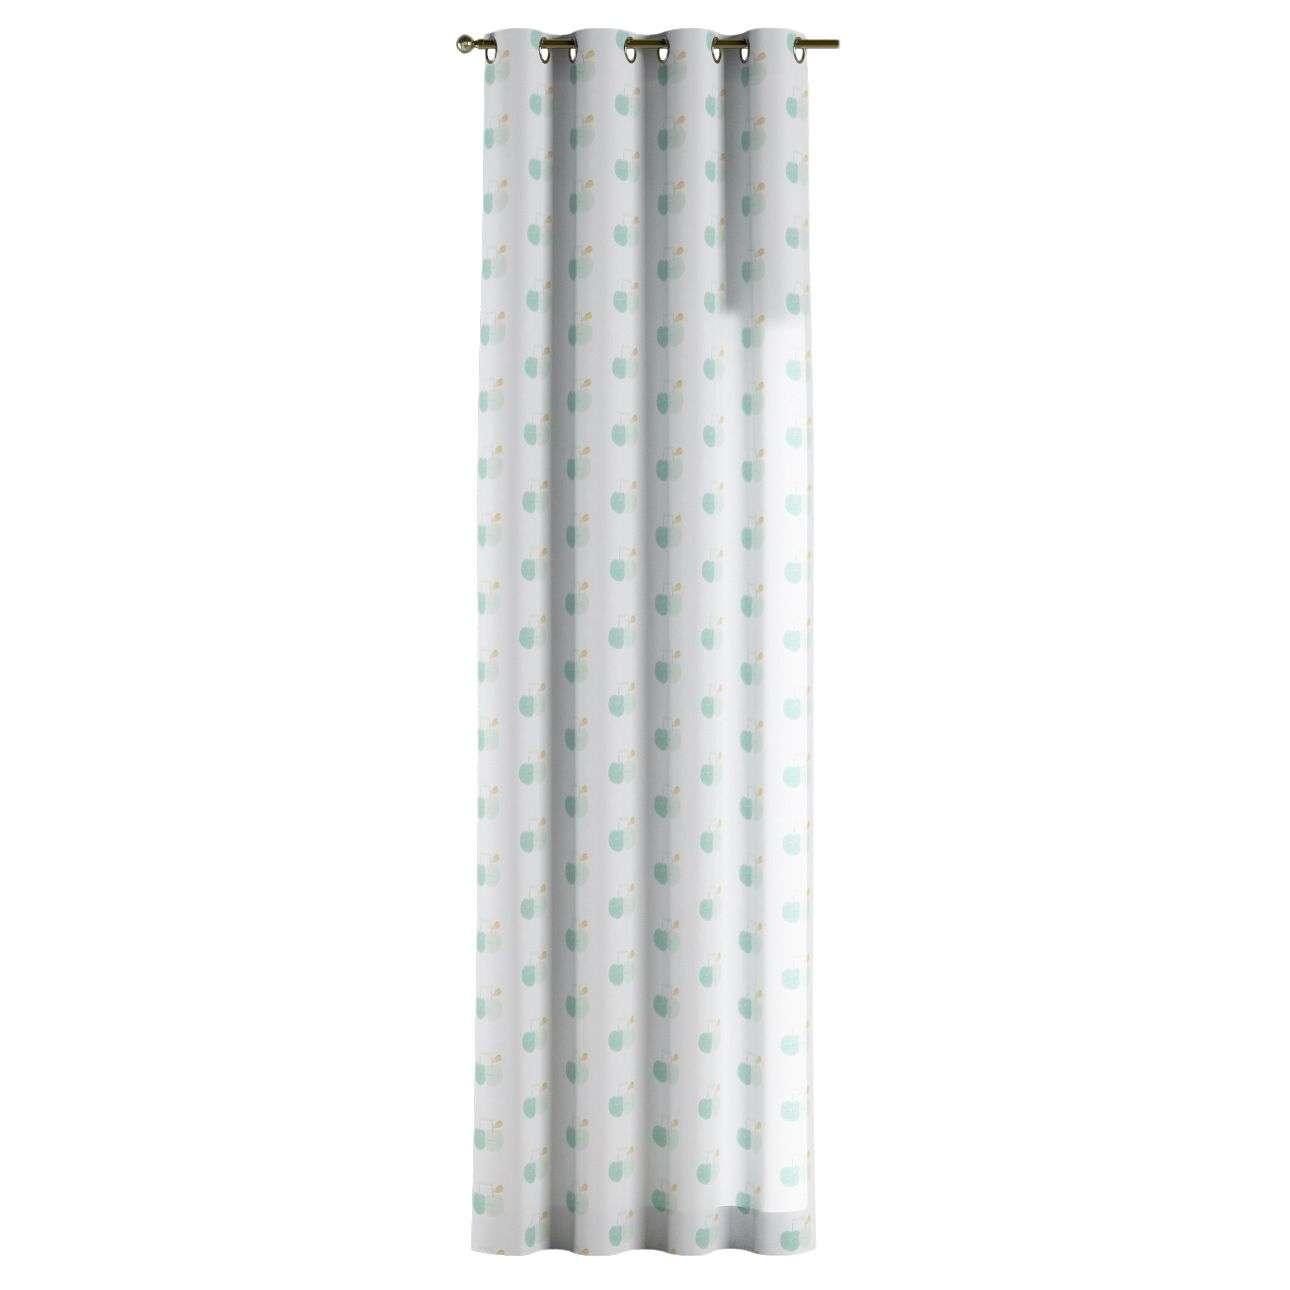 Zasłona na kółkach 1 szt. 1szt 130x260 cm w kolekcji Apanona, tkanina: 151-02